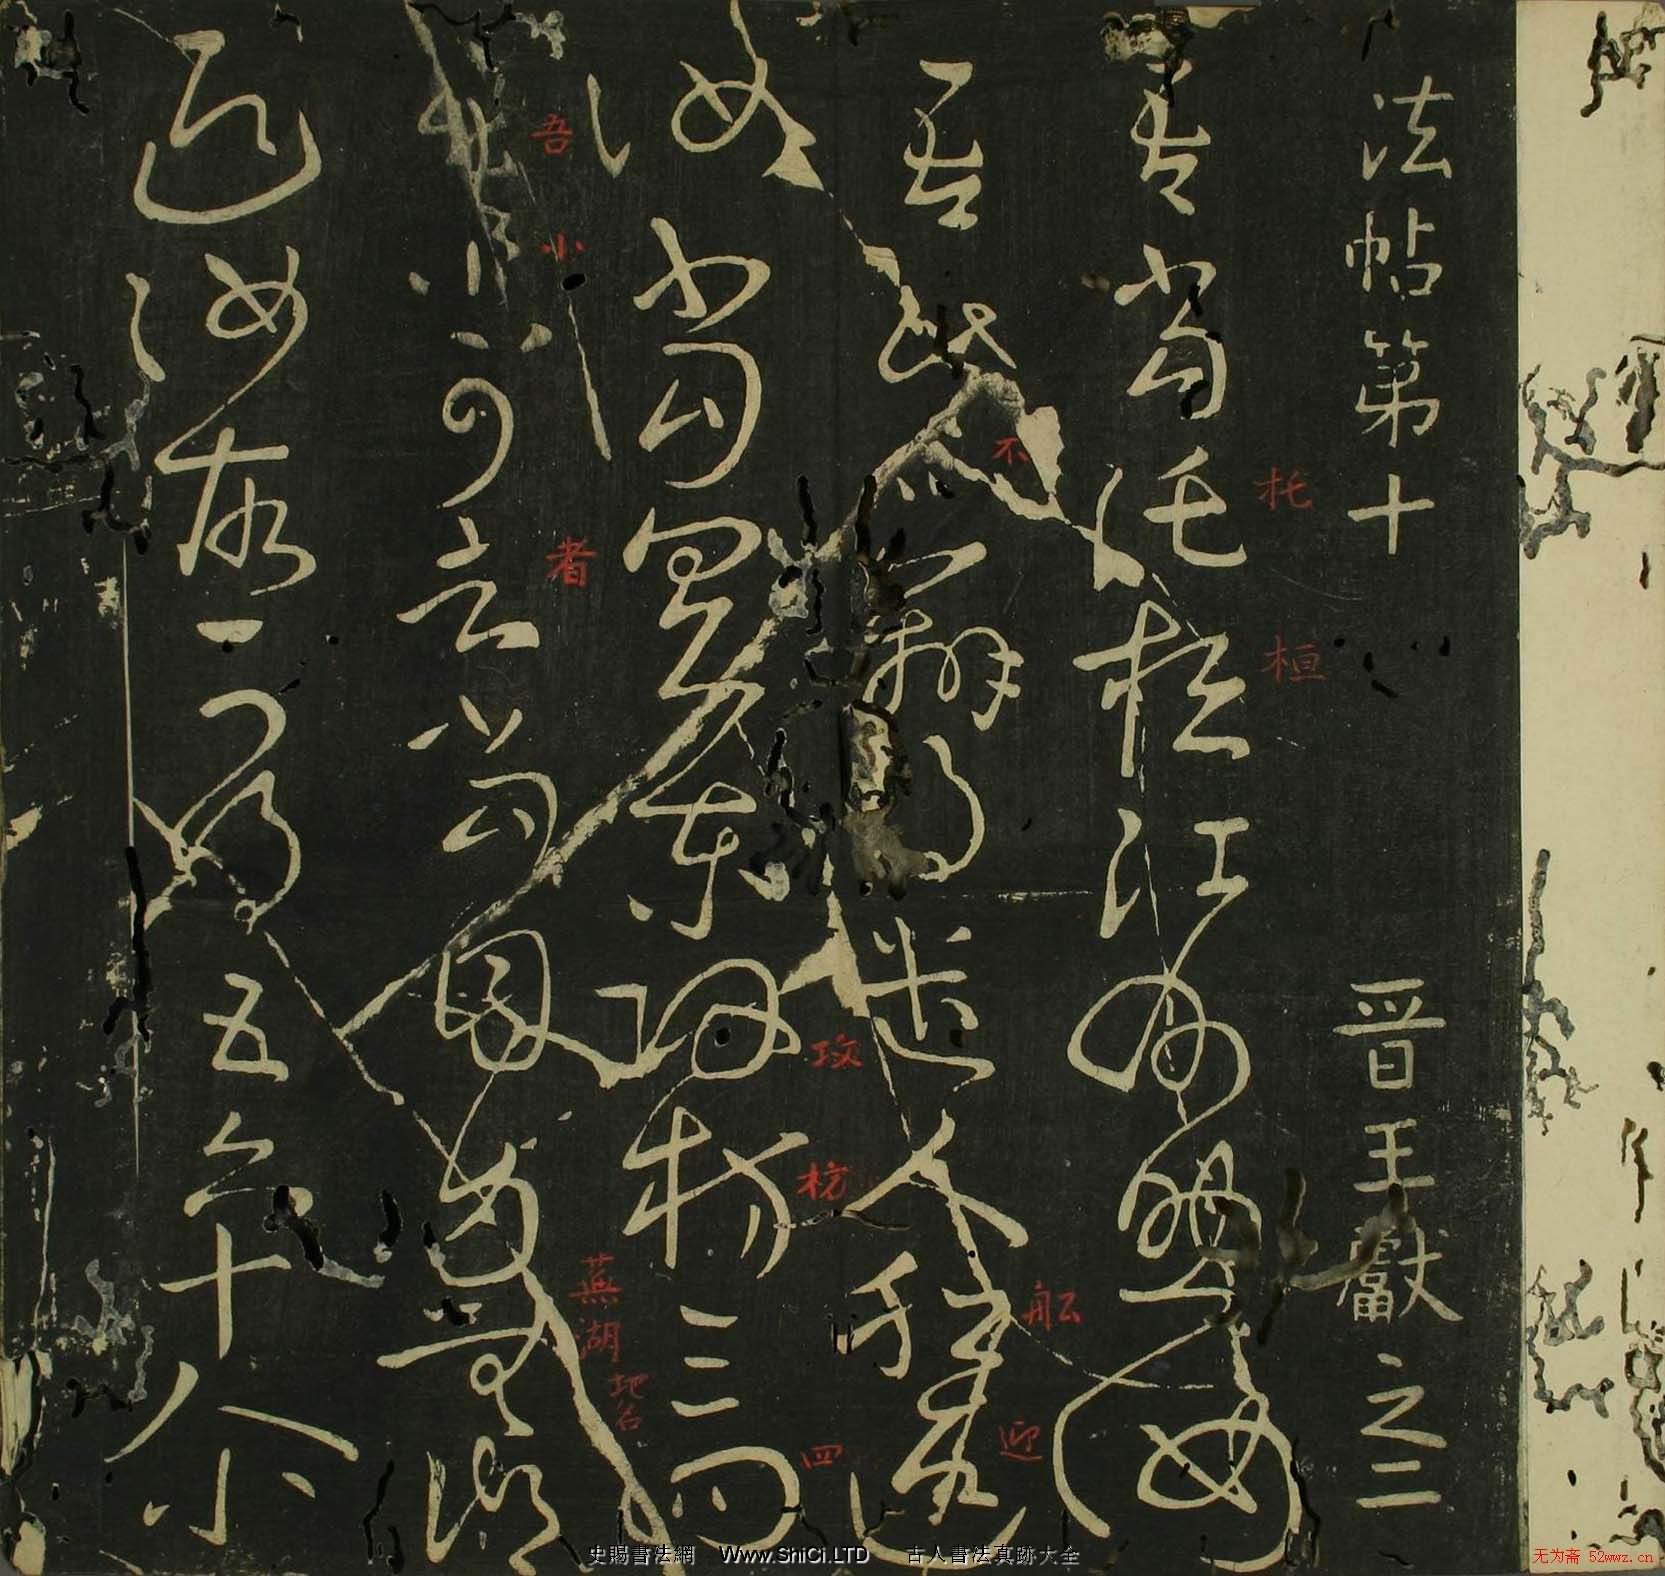 王獻之行草書法帖在線真跡欣賞(共25張圖片)